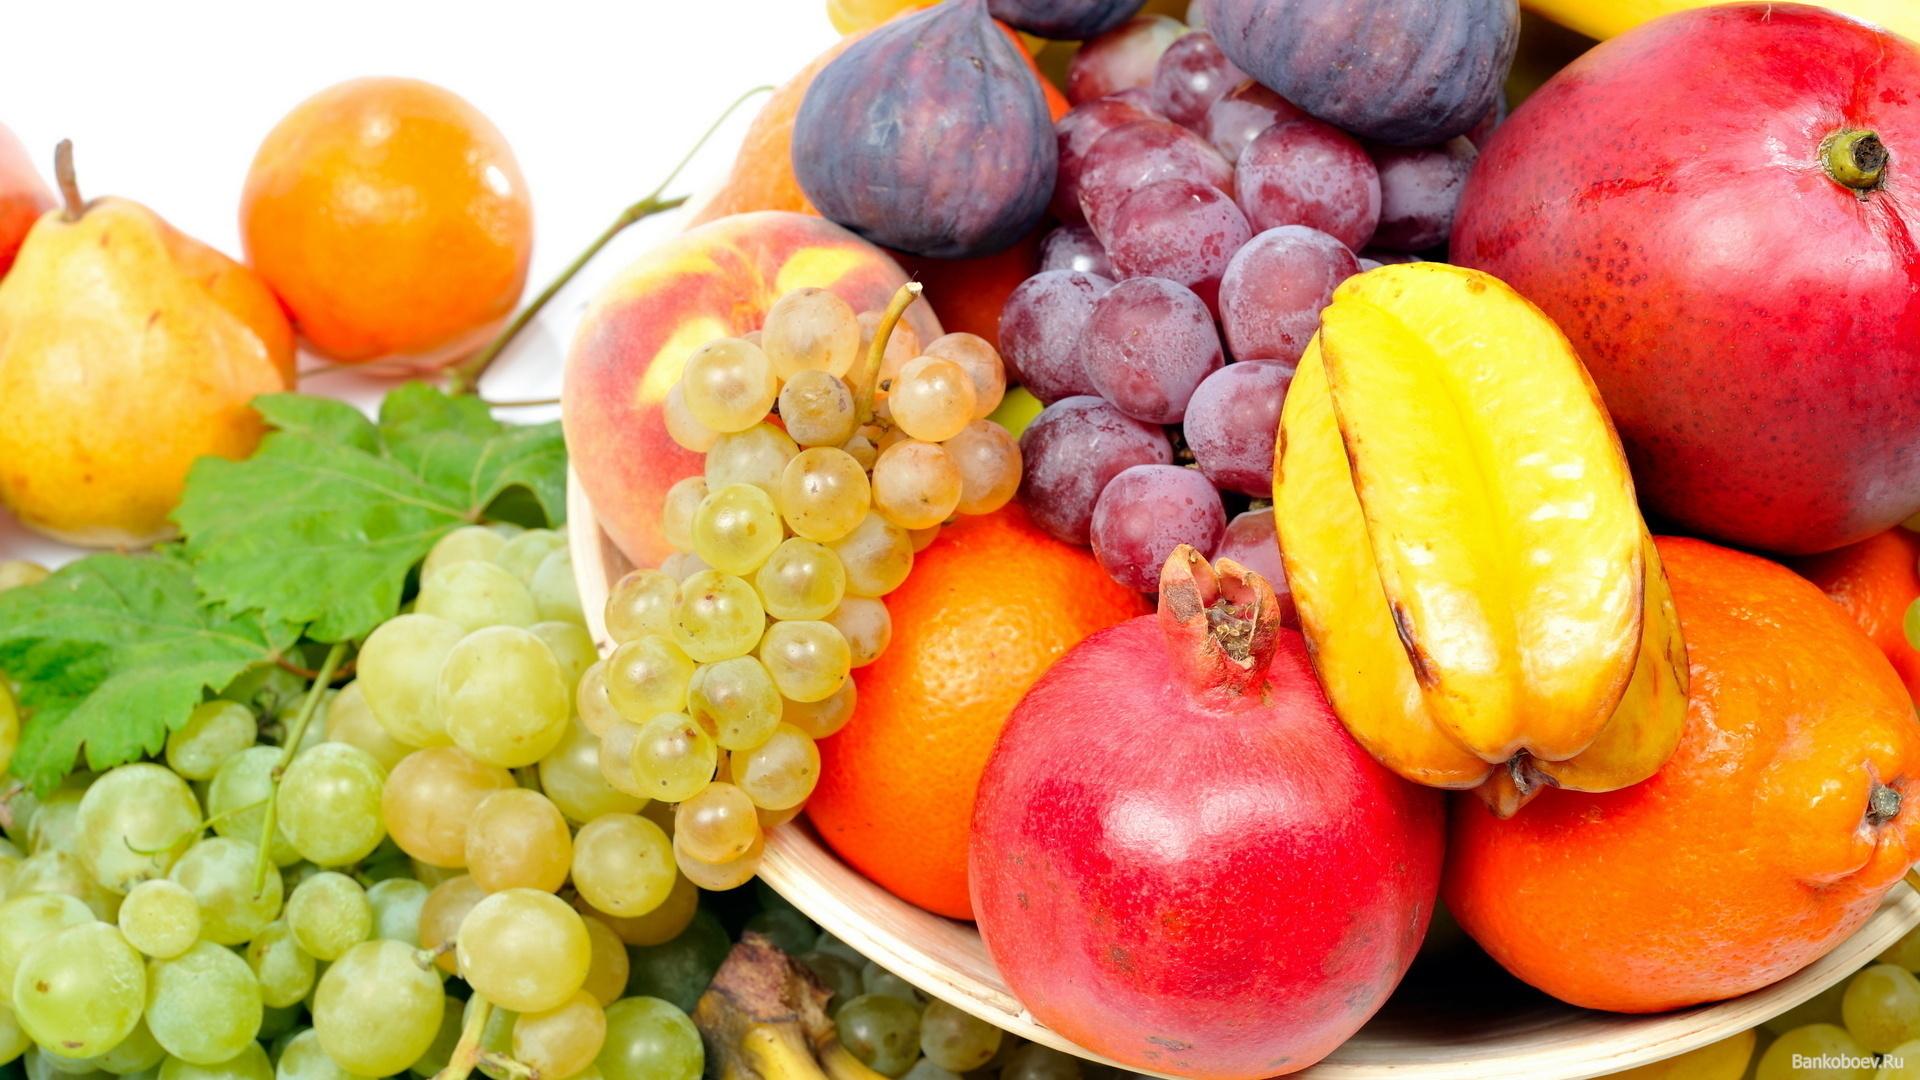 отличие красивые картинки фрукты на рабочий стол преимуществом белого